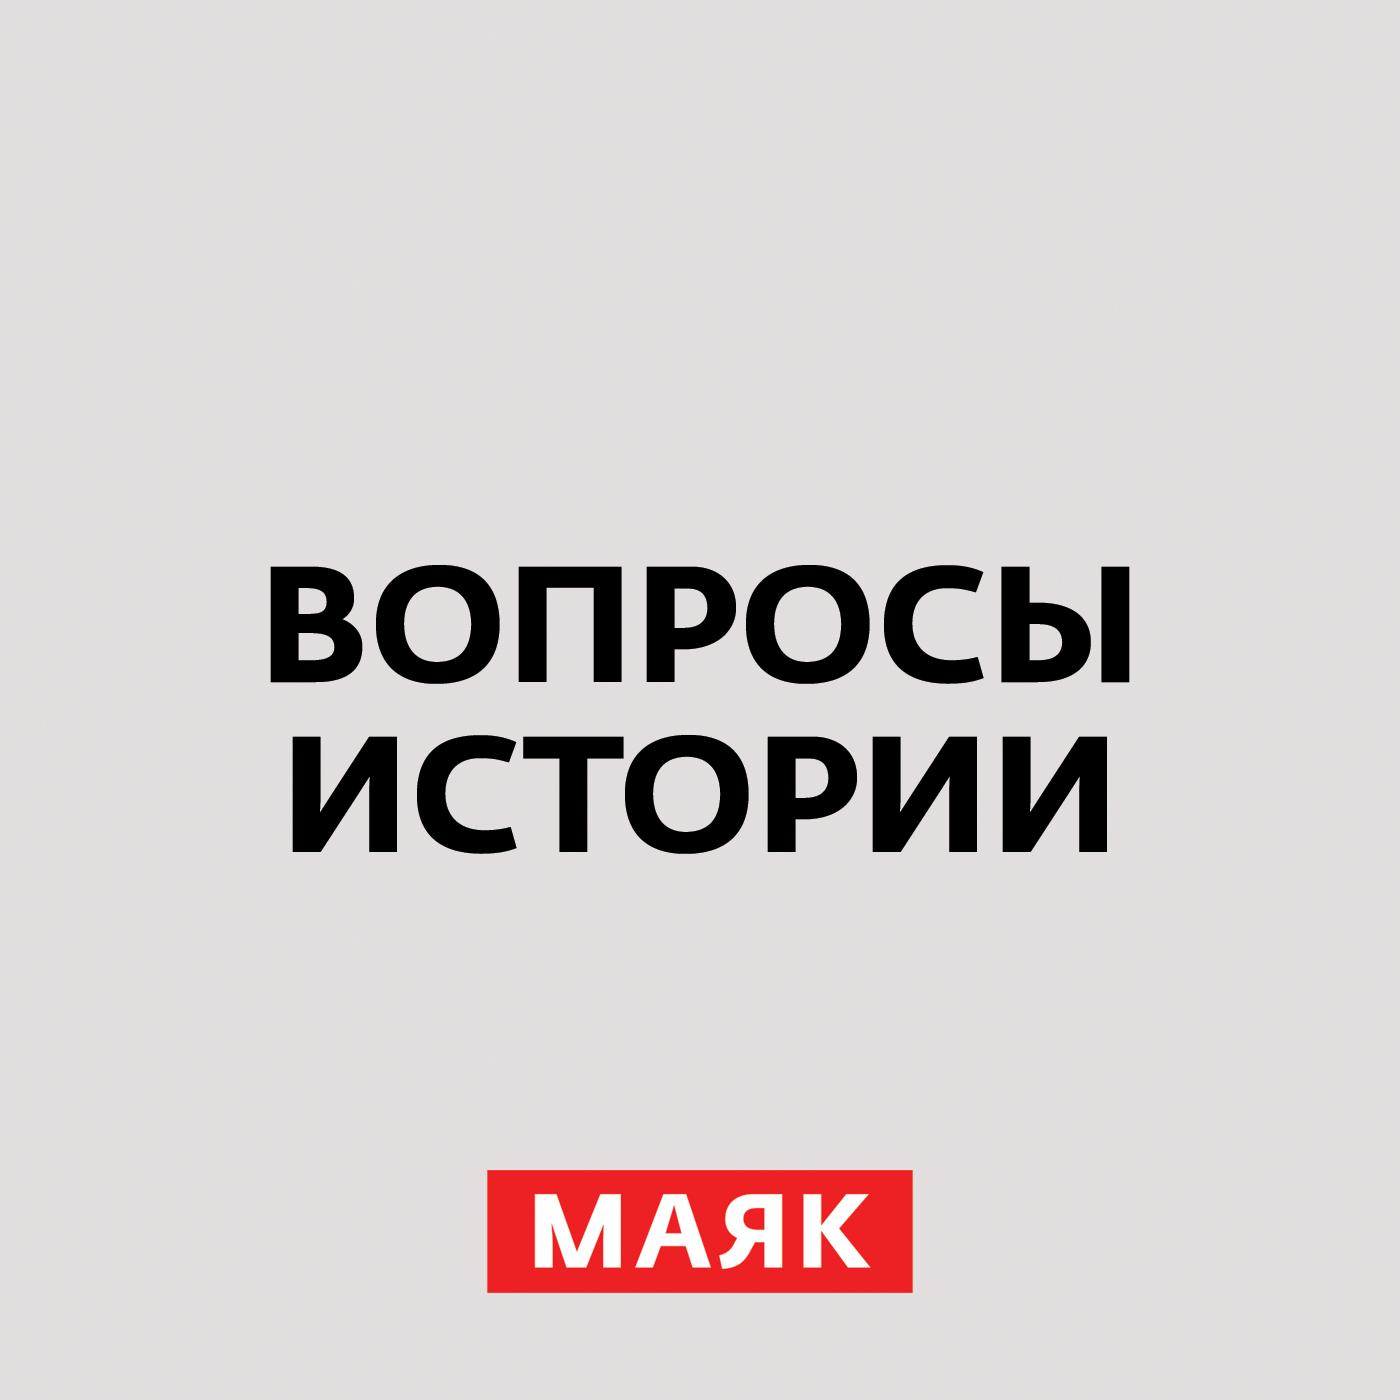 Андрей Светенко Сентябрь 1945-го: в воздухе уже летают первые заморозки андрей светенко при анализе начала второй мировой всплывает много интересного часть 1